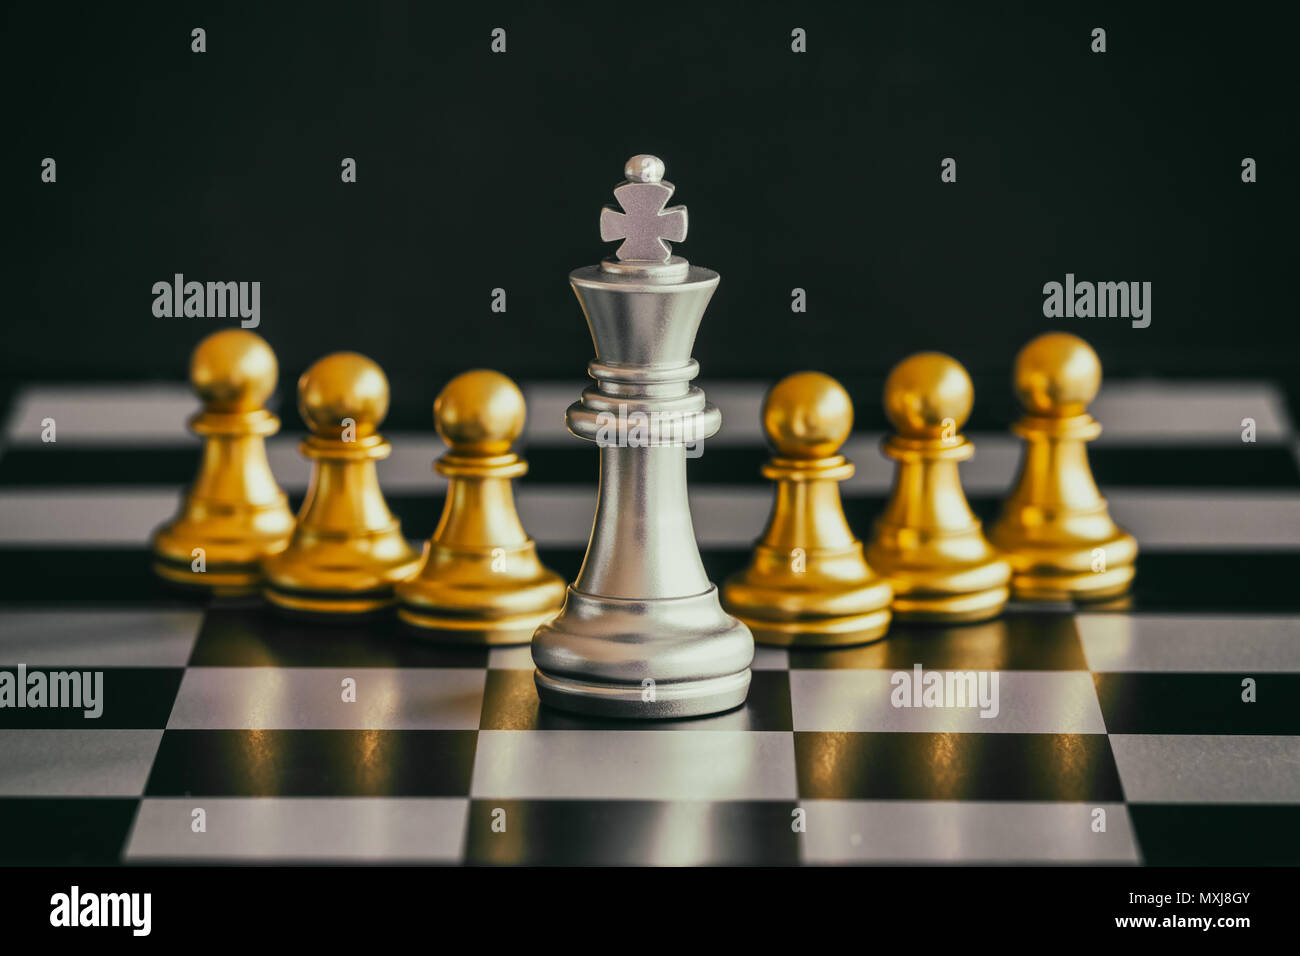 Bataille d'échecs Stratégie jeu de défi de renseignement sur l'échiquier. Le concept de la stratégie de réussite. Chef d'entreprise d'échecs et succès idée. La stratégie d'échecs Photo Stock